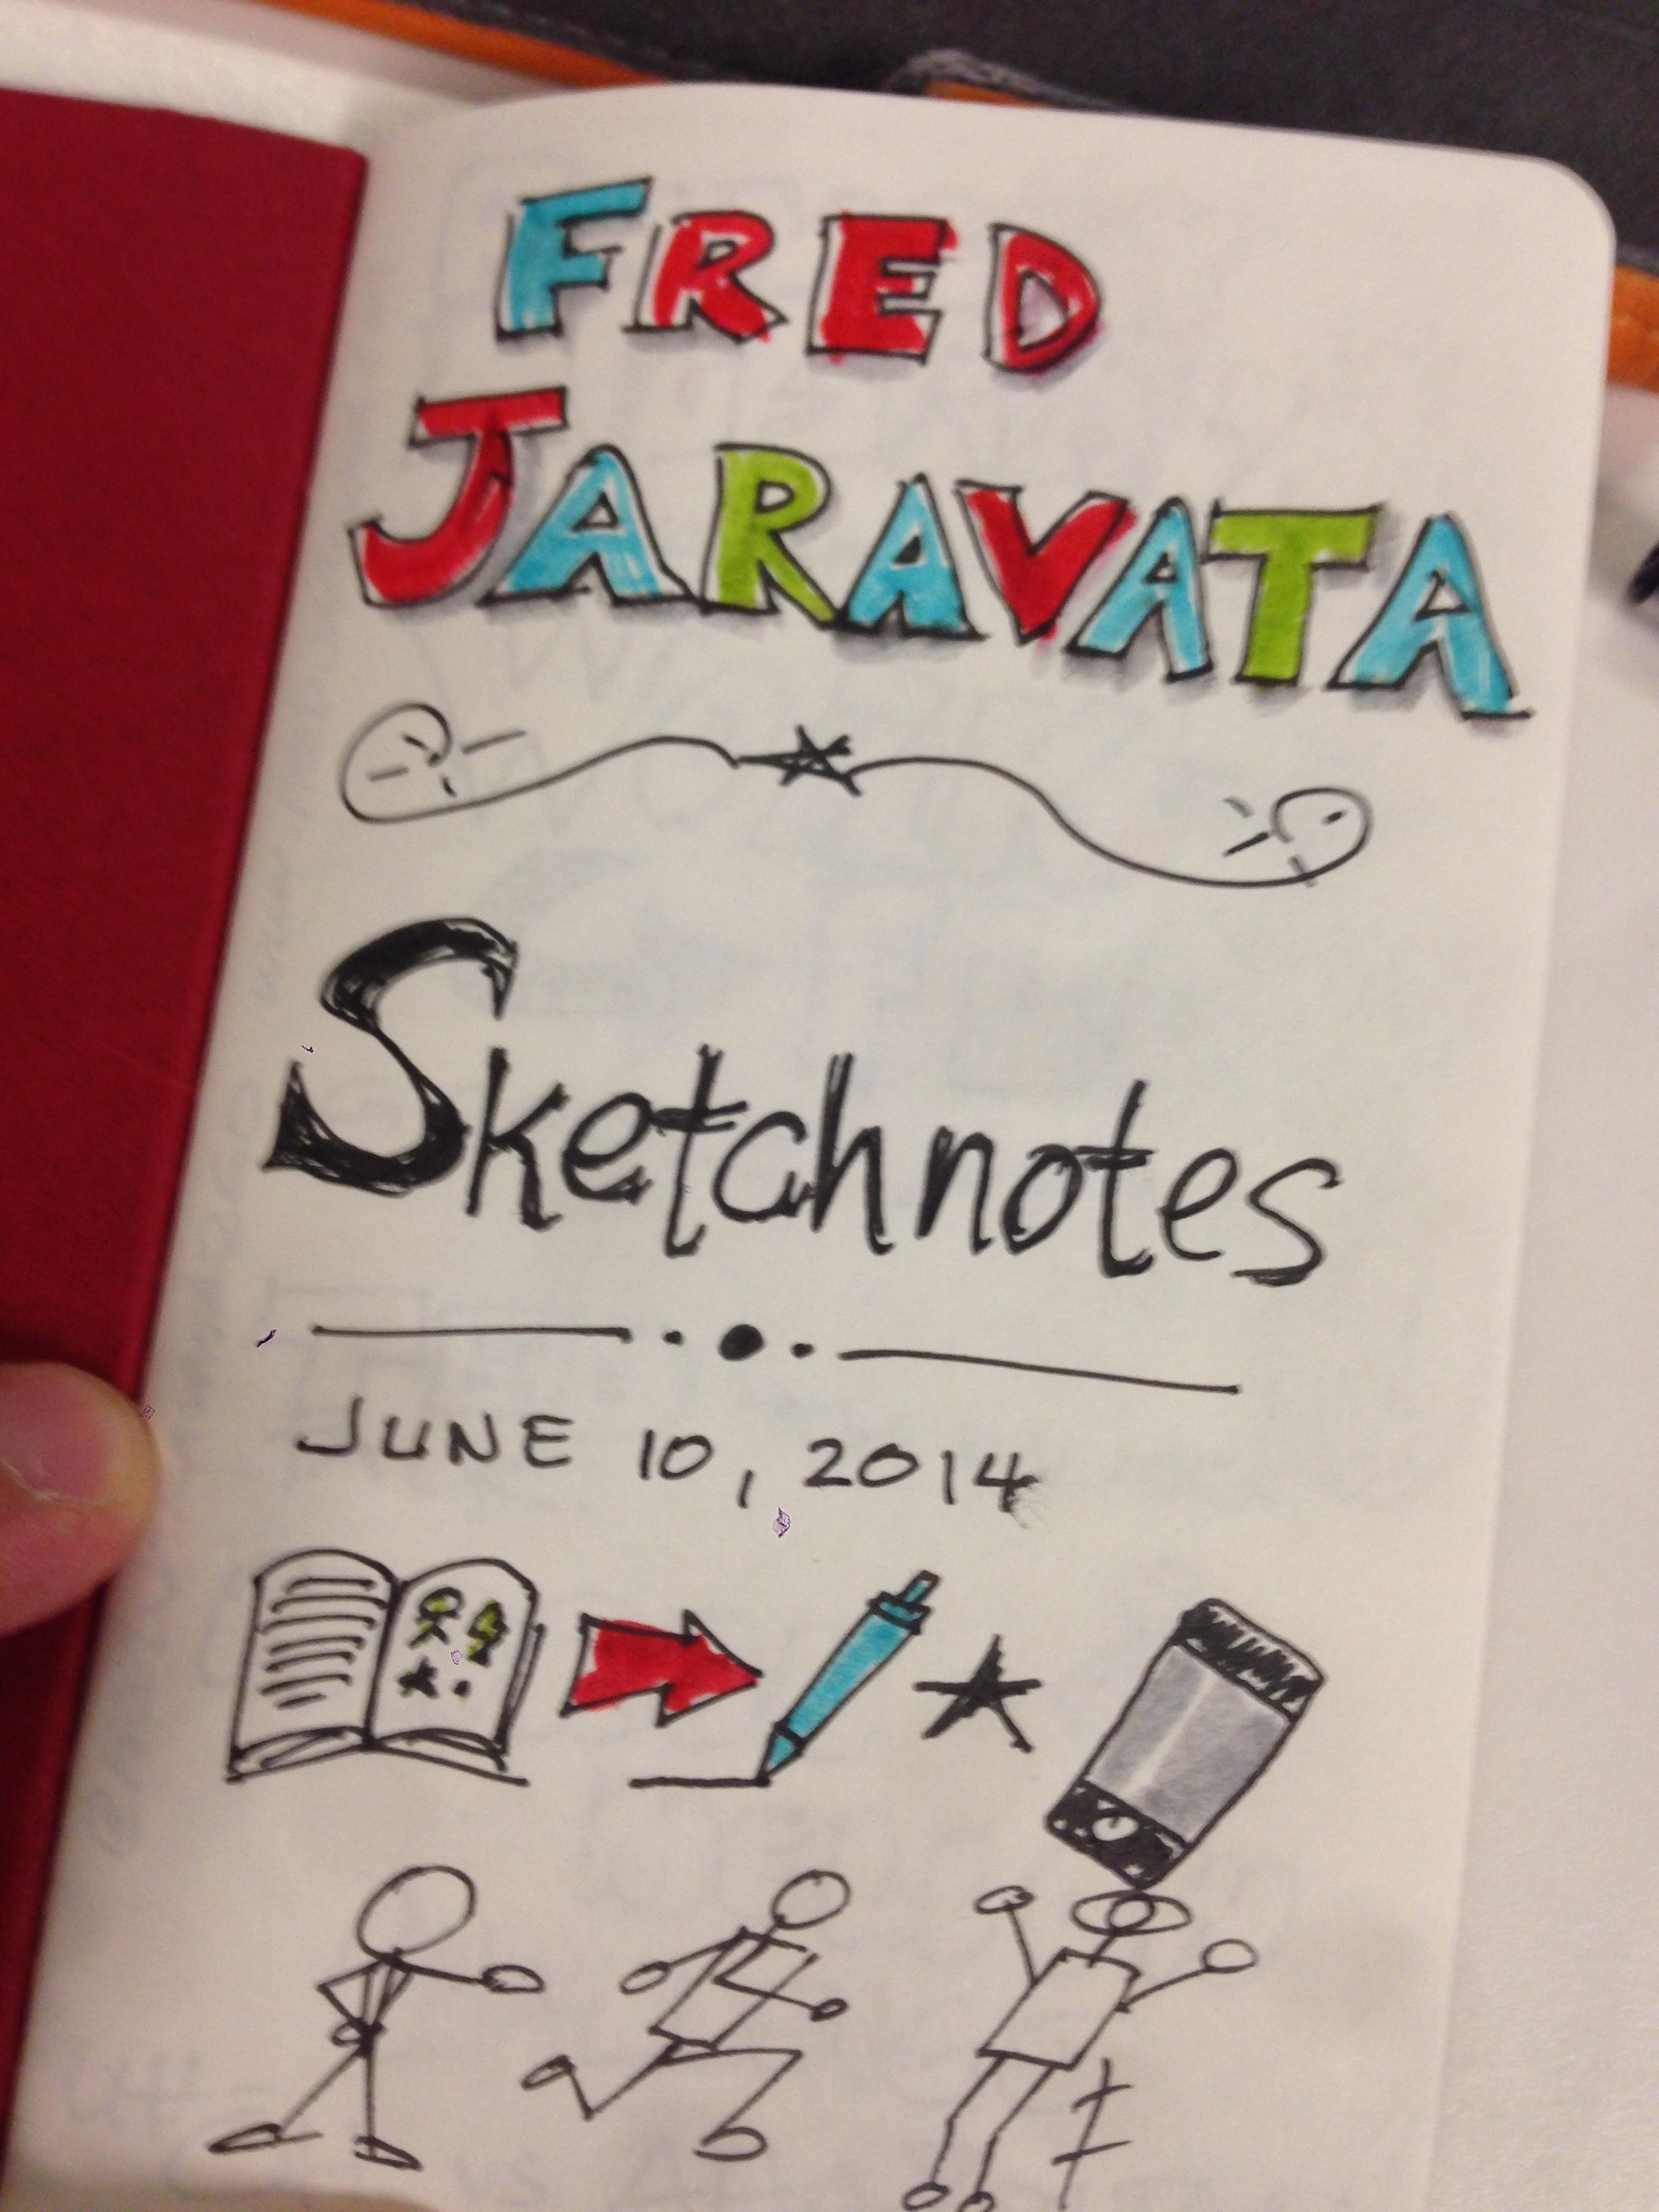 Fred Jaravata Sketchnotes